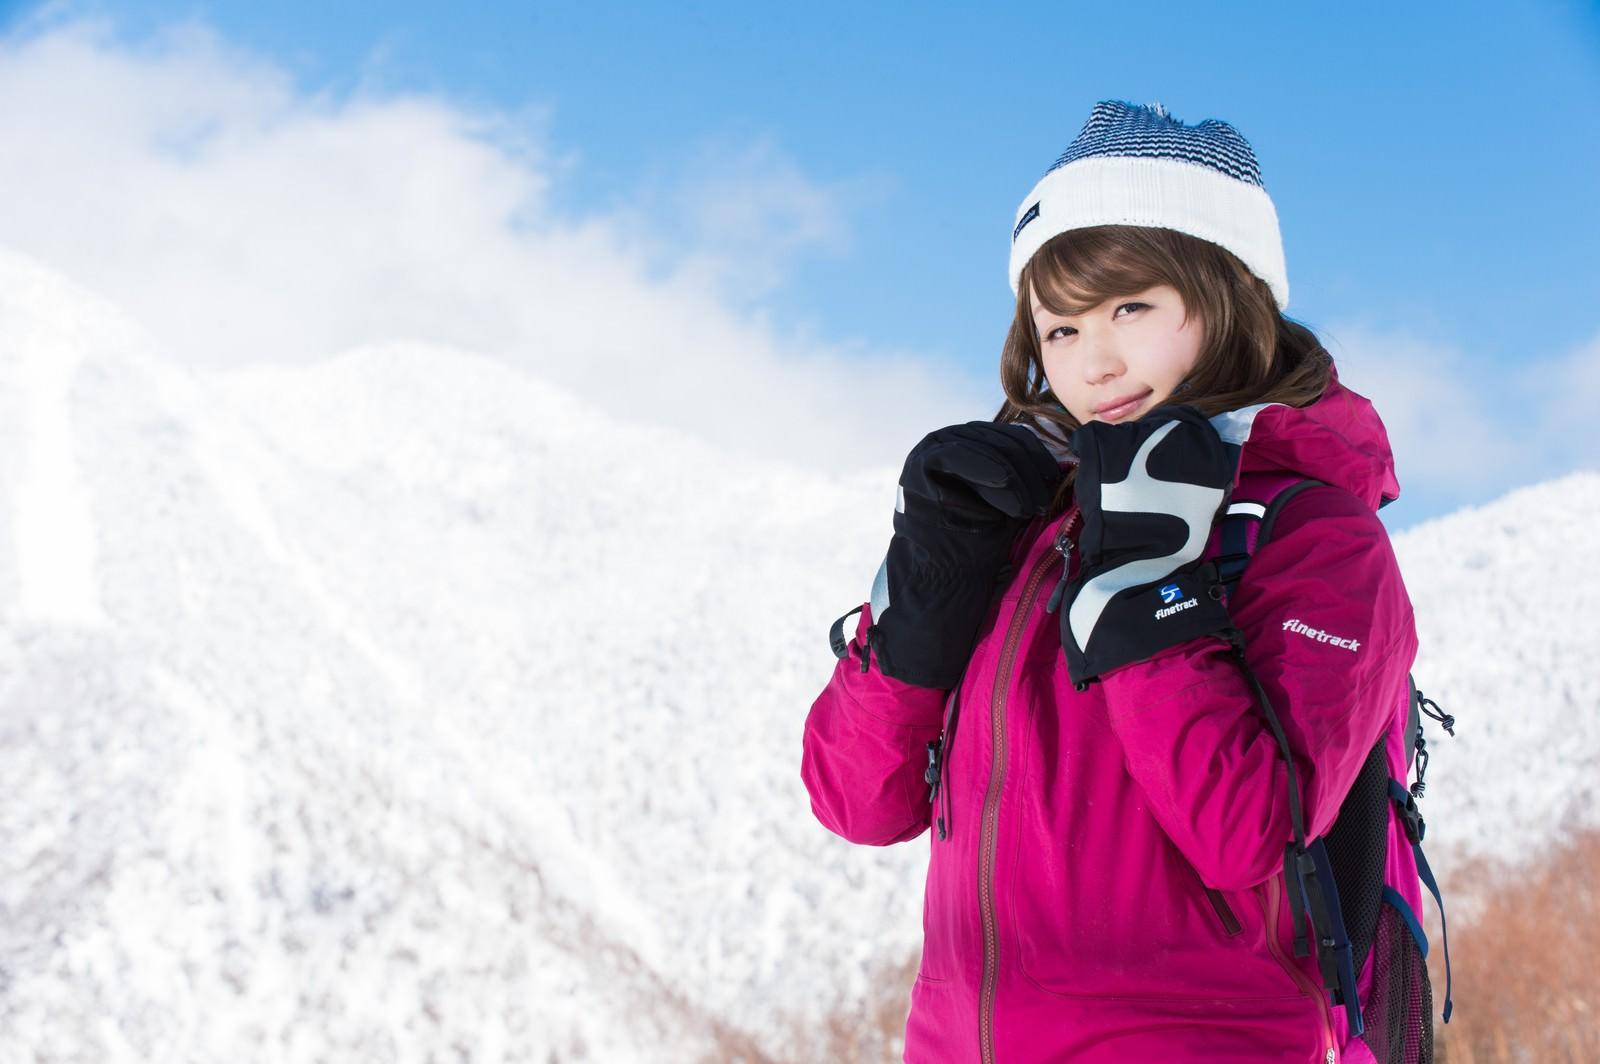 「自分の防寒対策の万全さをアピールする雪山ガール」の写真[モデル:茜さや]